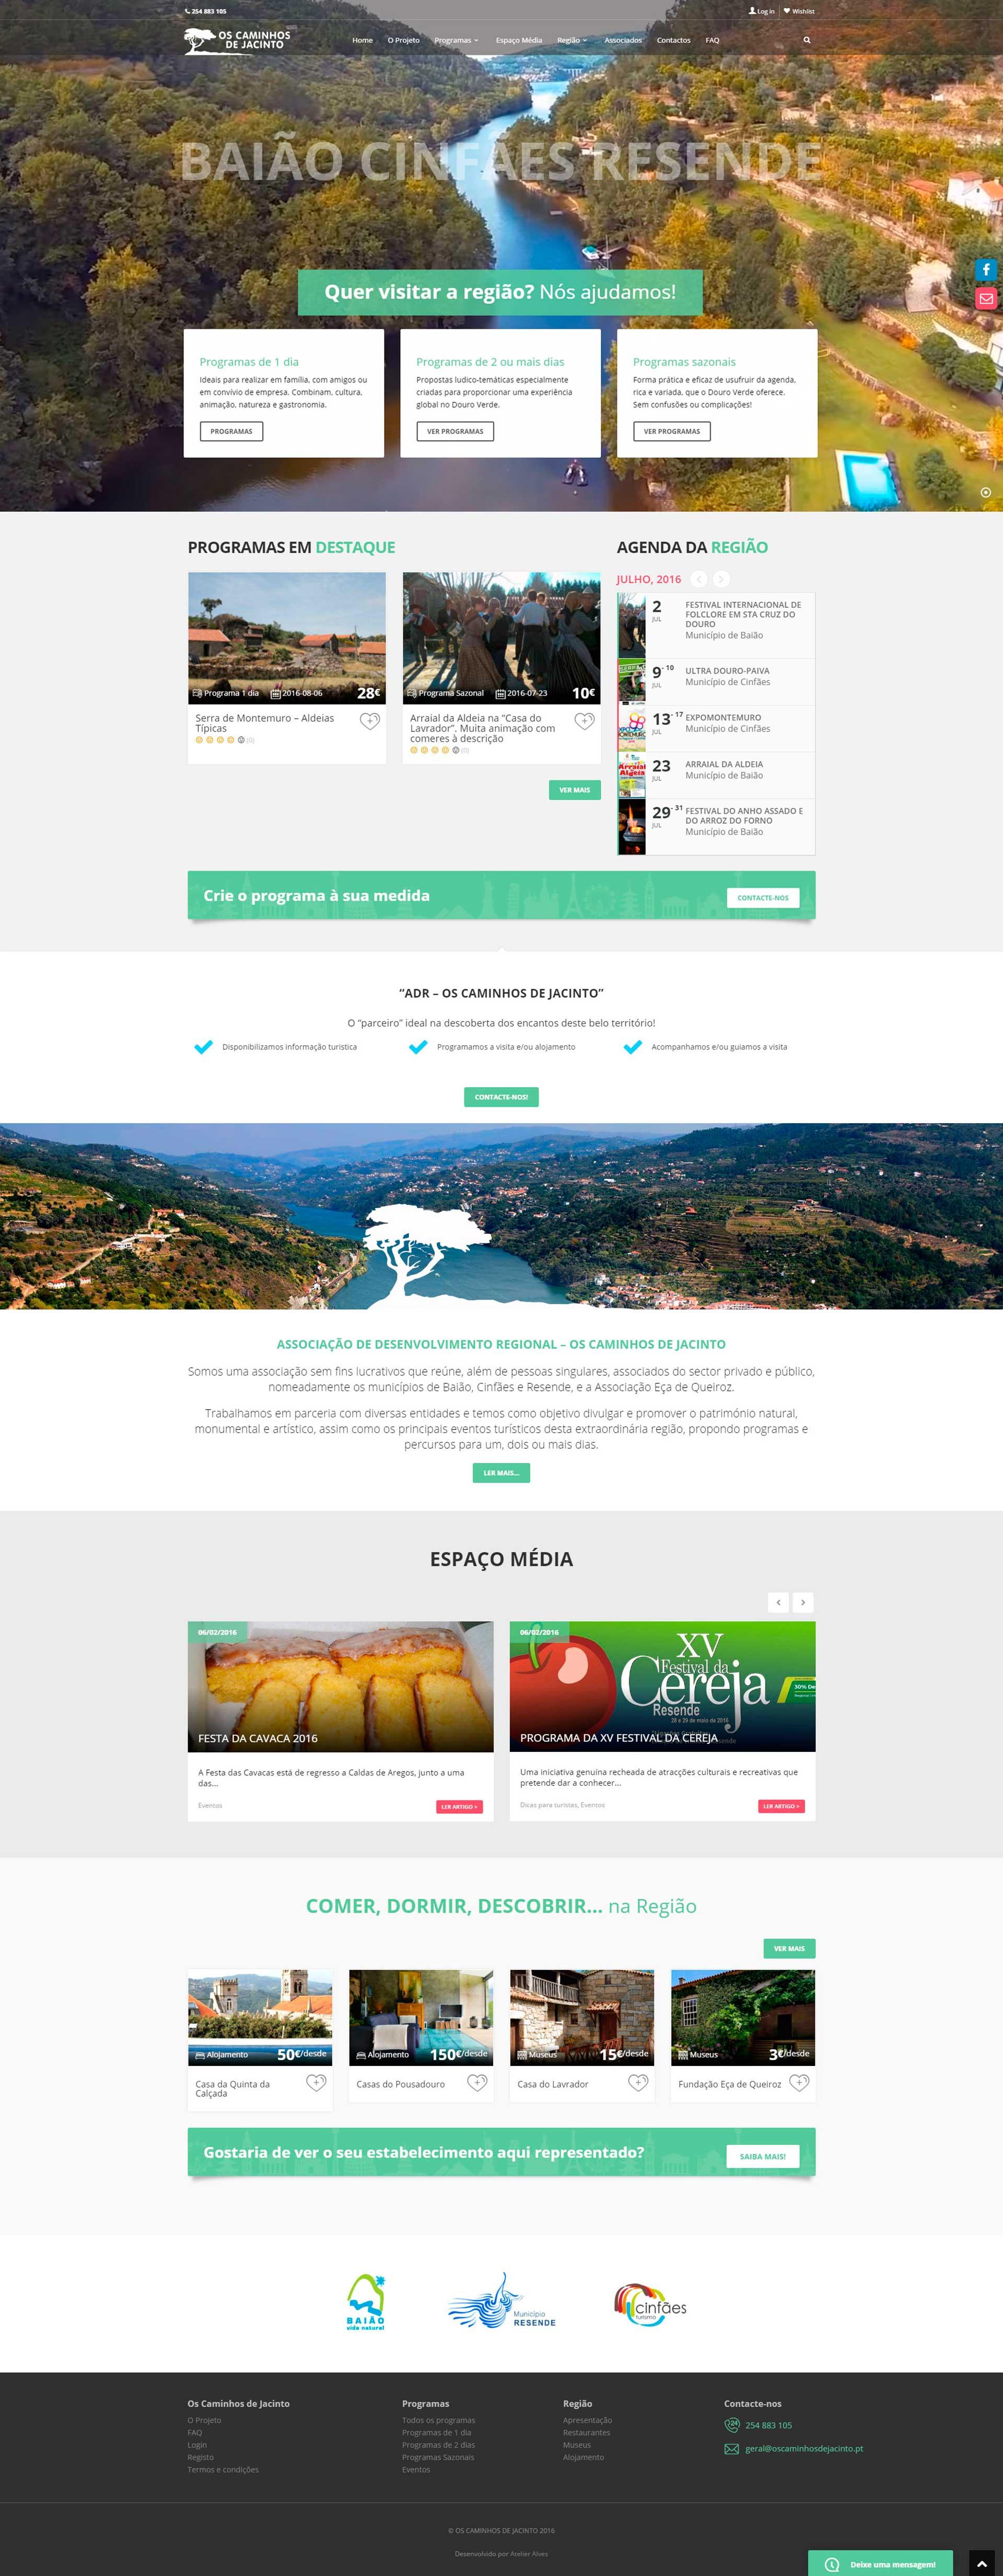 atelier-alves-os-caminhos-de-jacinto-preview_webaite_web_1